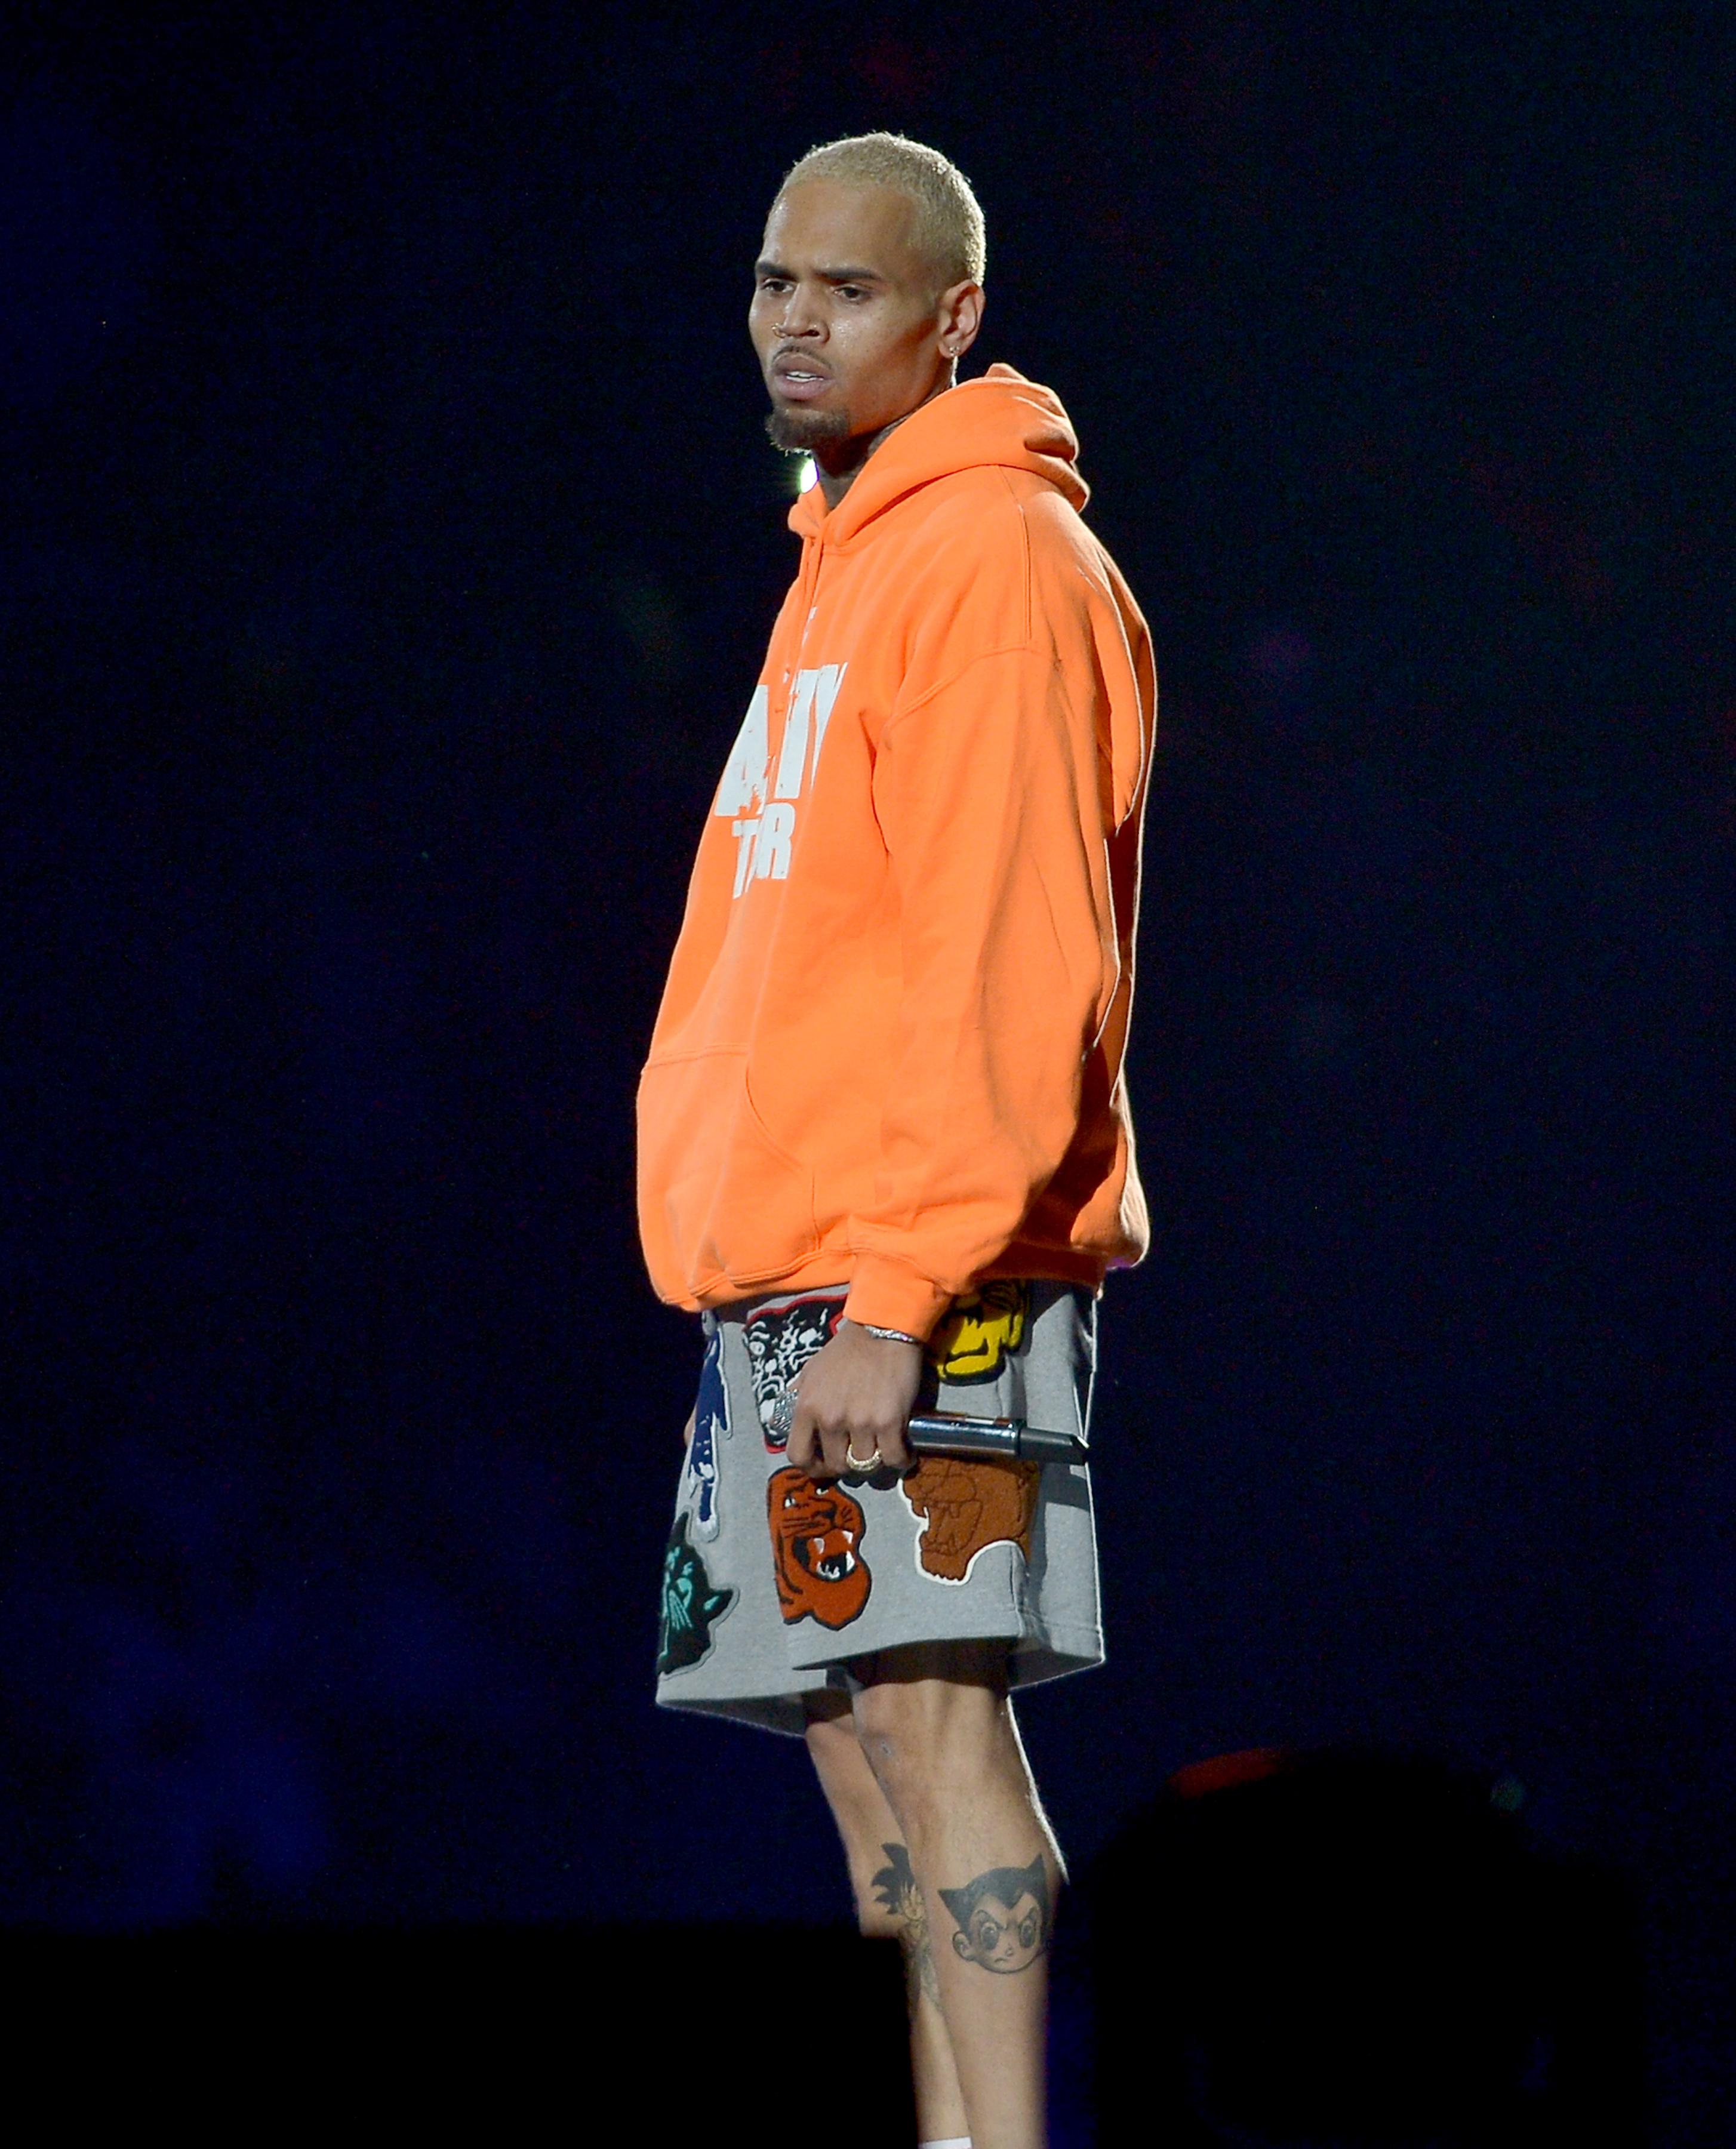 Chris Brown plays Miami